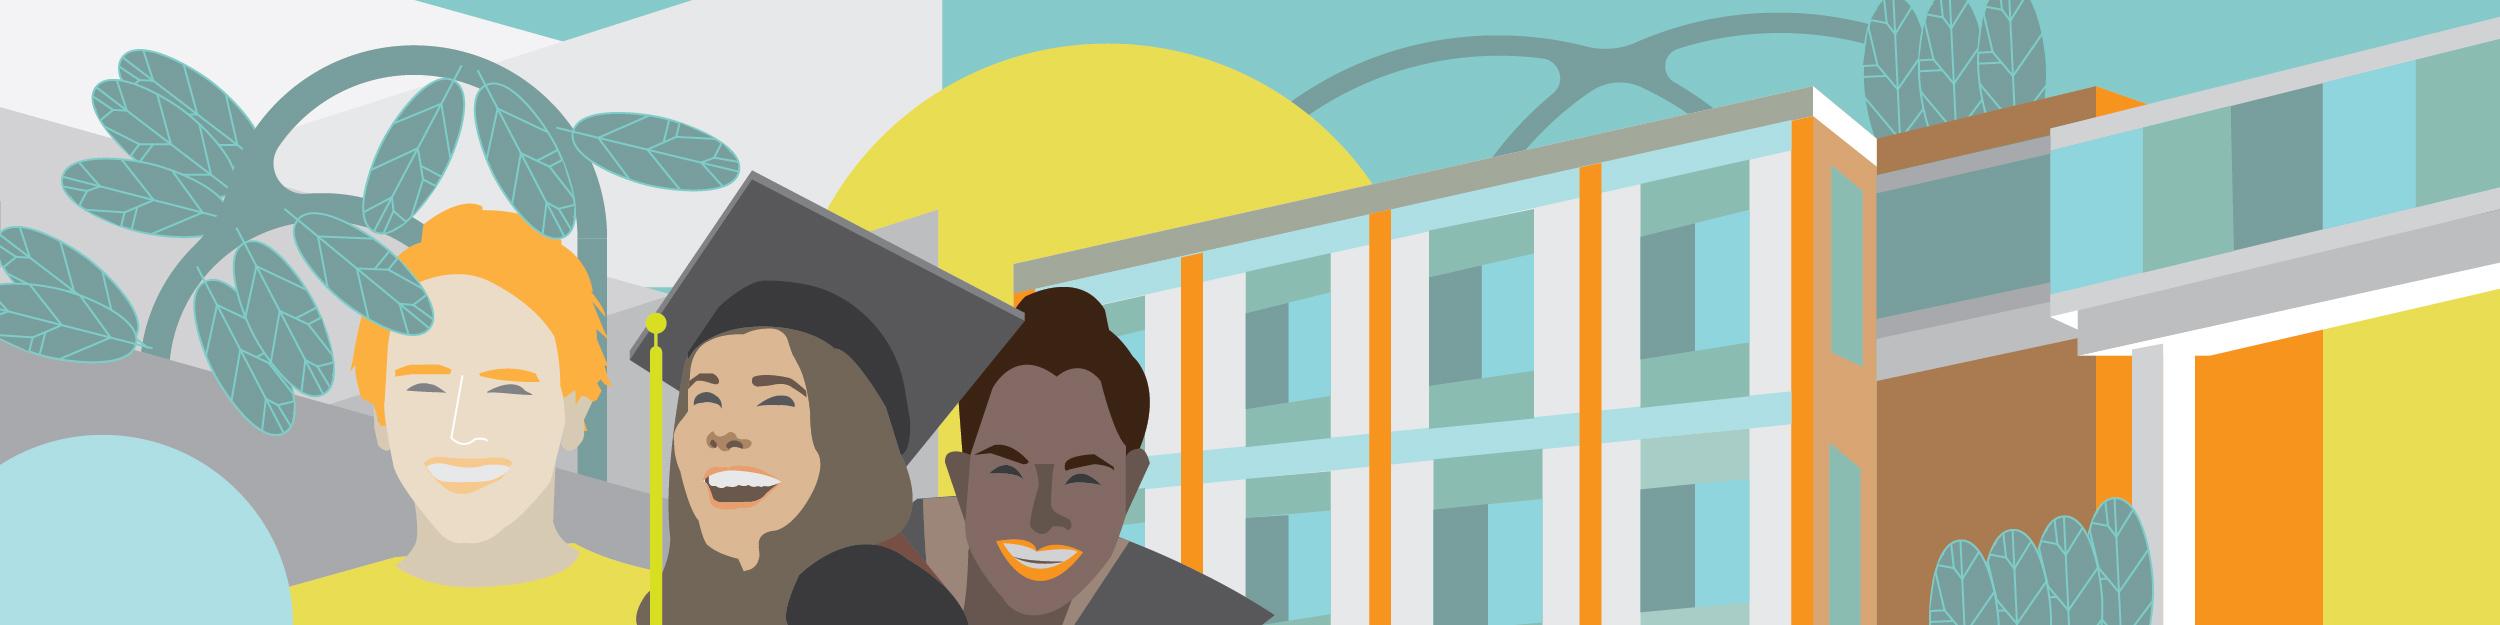 COE_Banner_illustration-01.jpg